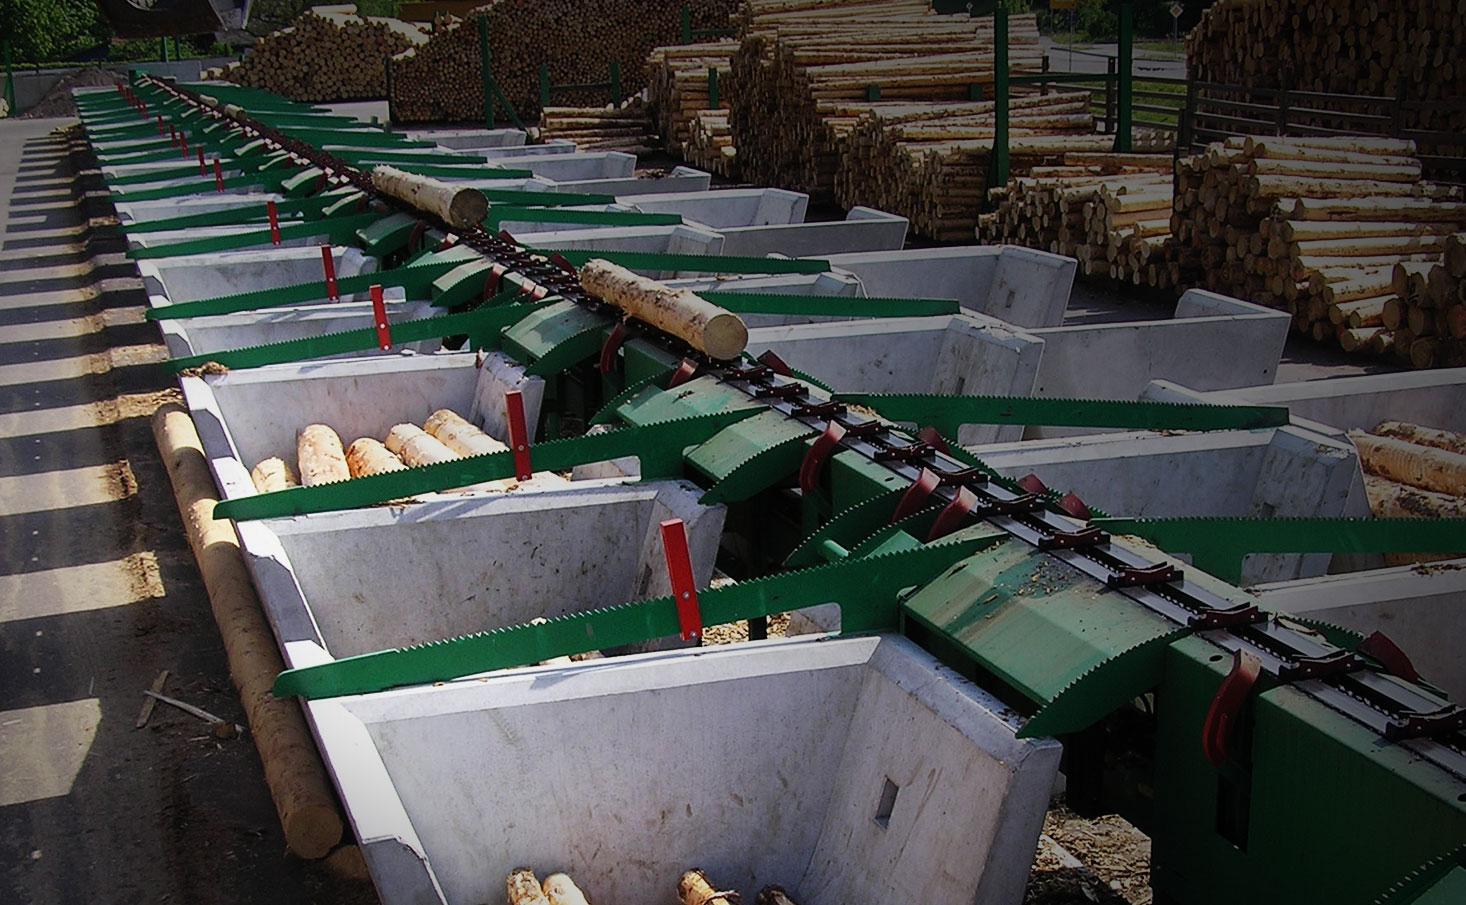 Sägezubringeranlage zur Holzverarbeitung